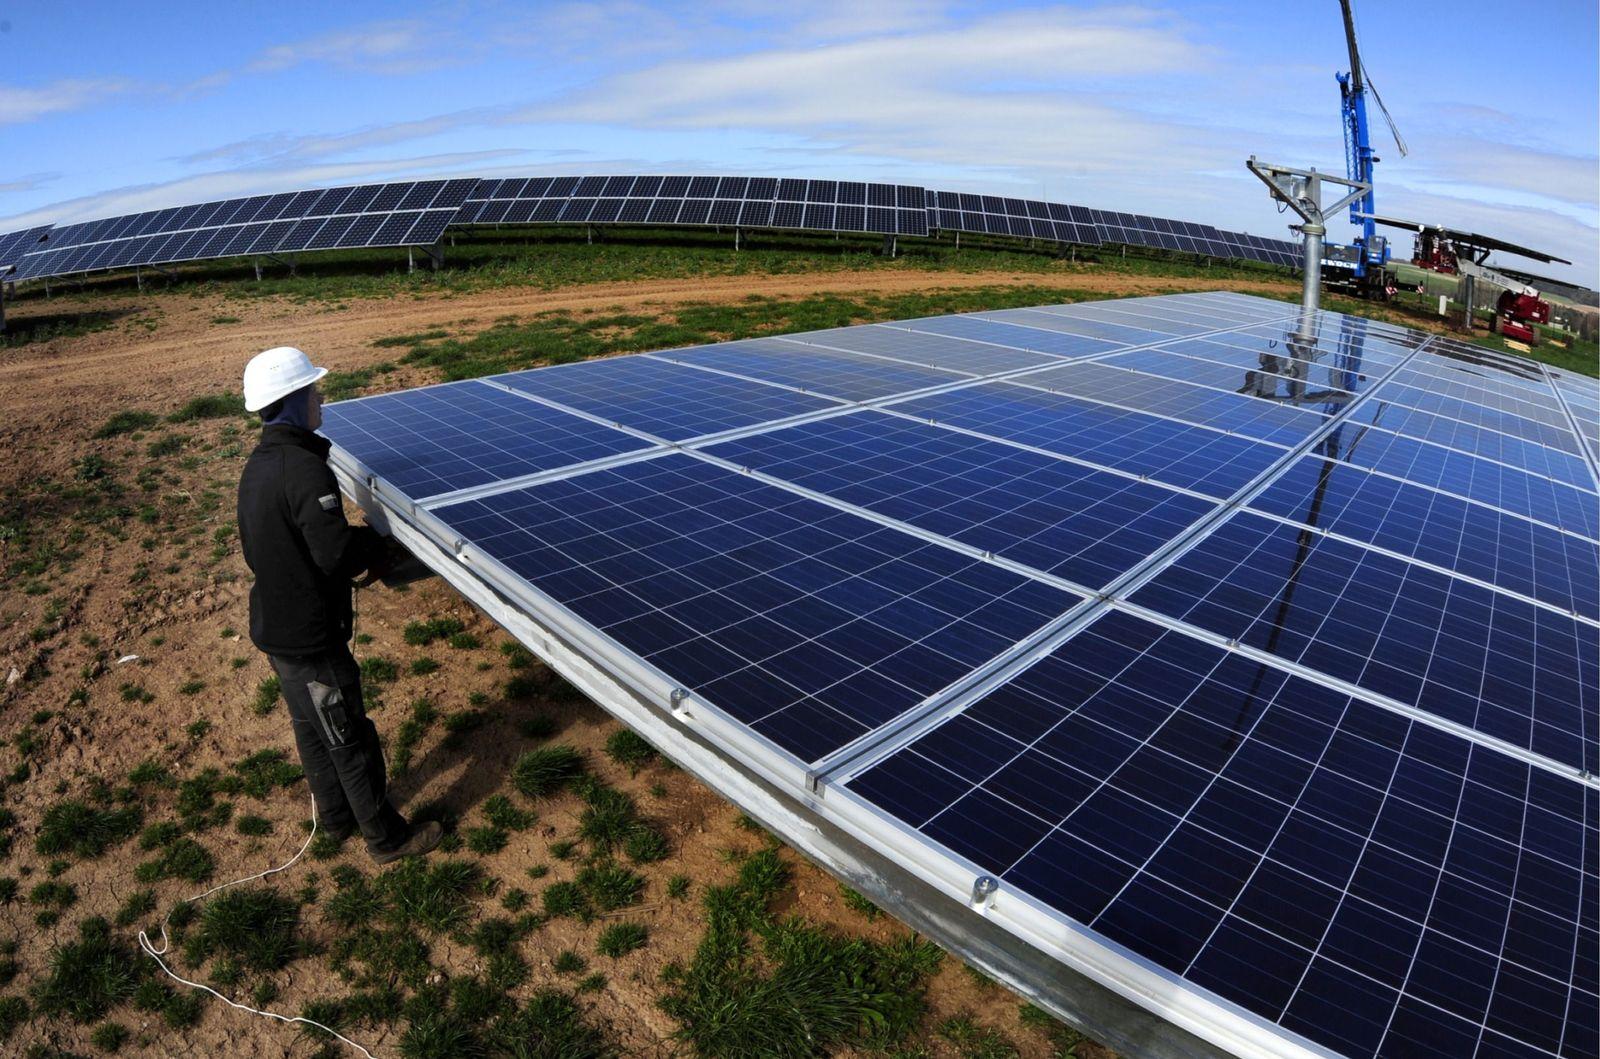 NICHT VERWENDEN Solarenergie